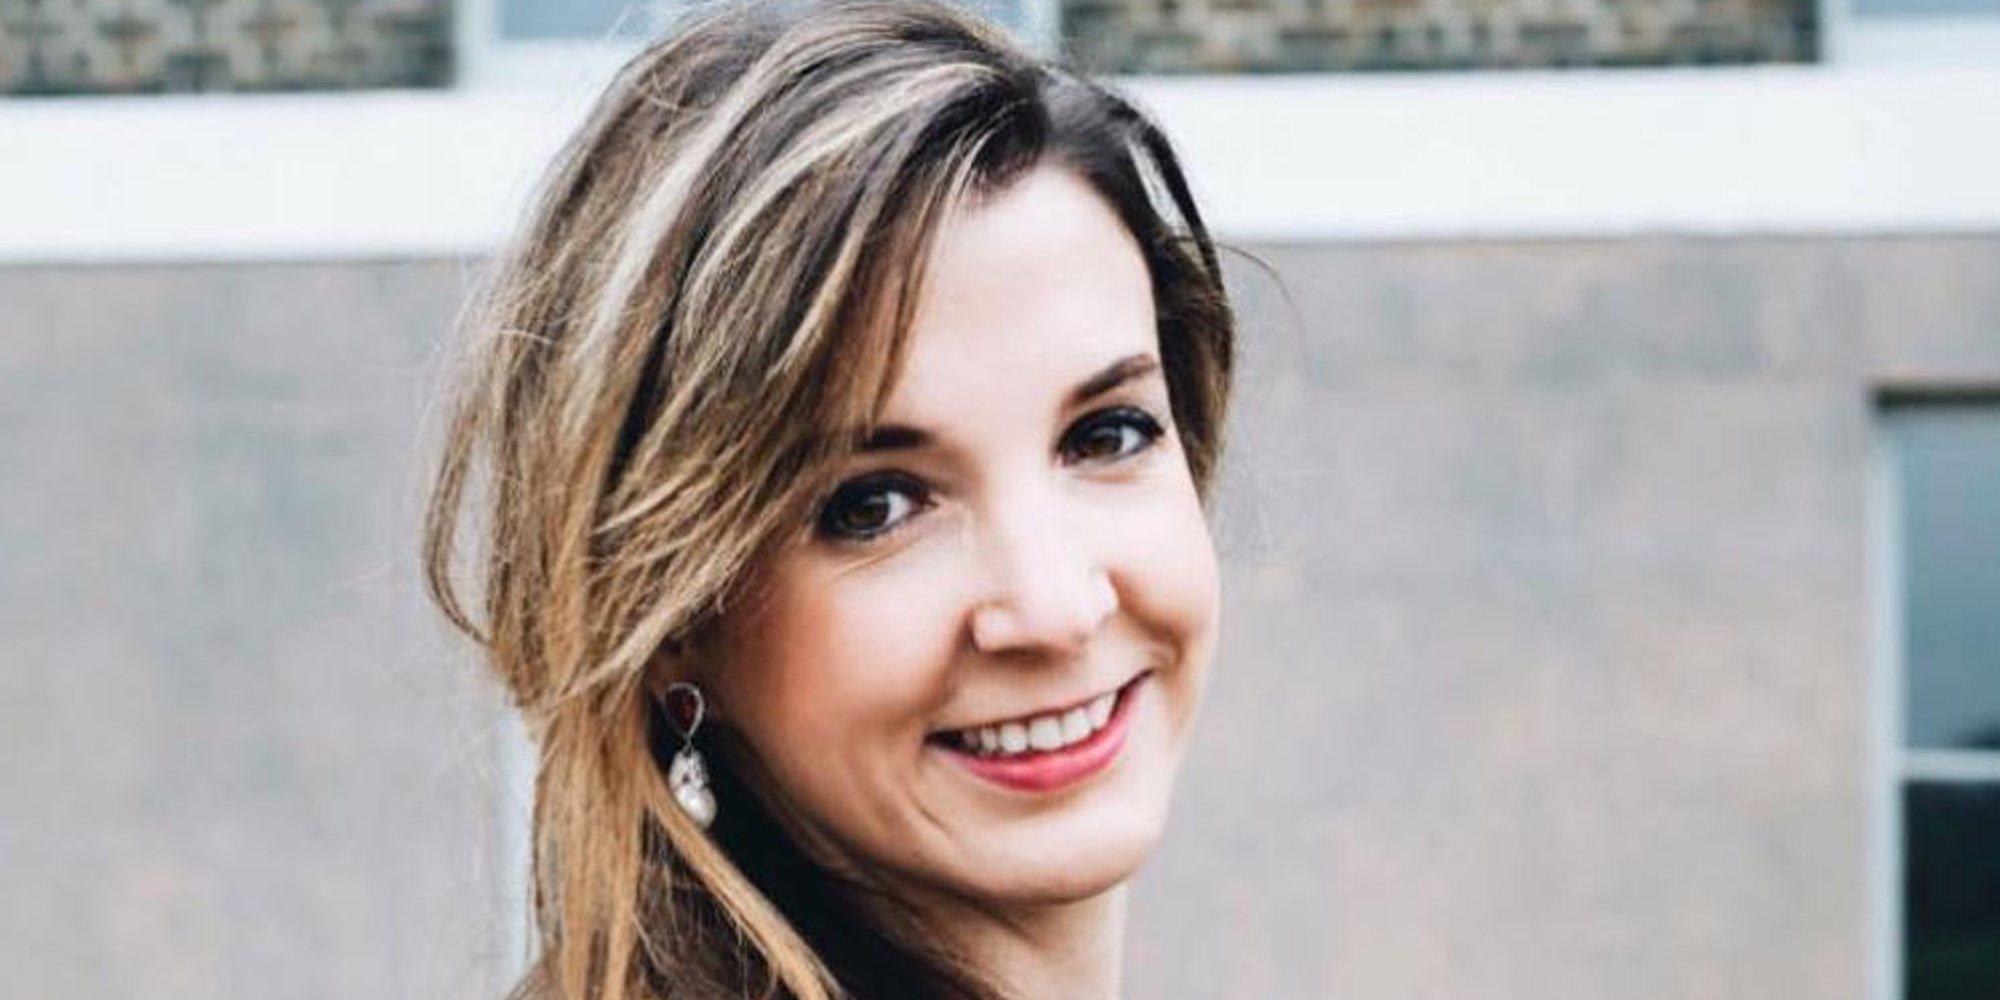 Tessy de Luxemburgo revela que sufrió un aborto antes de divorciarse de Luis de Luxemburgo